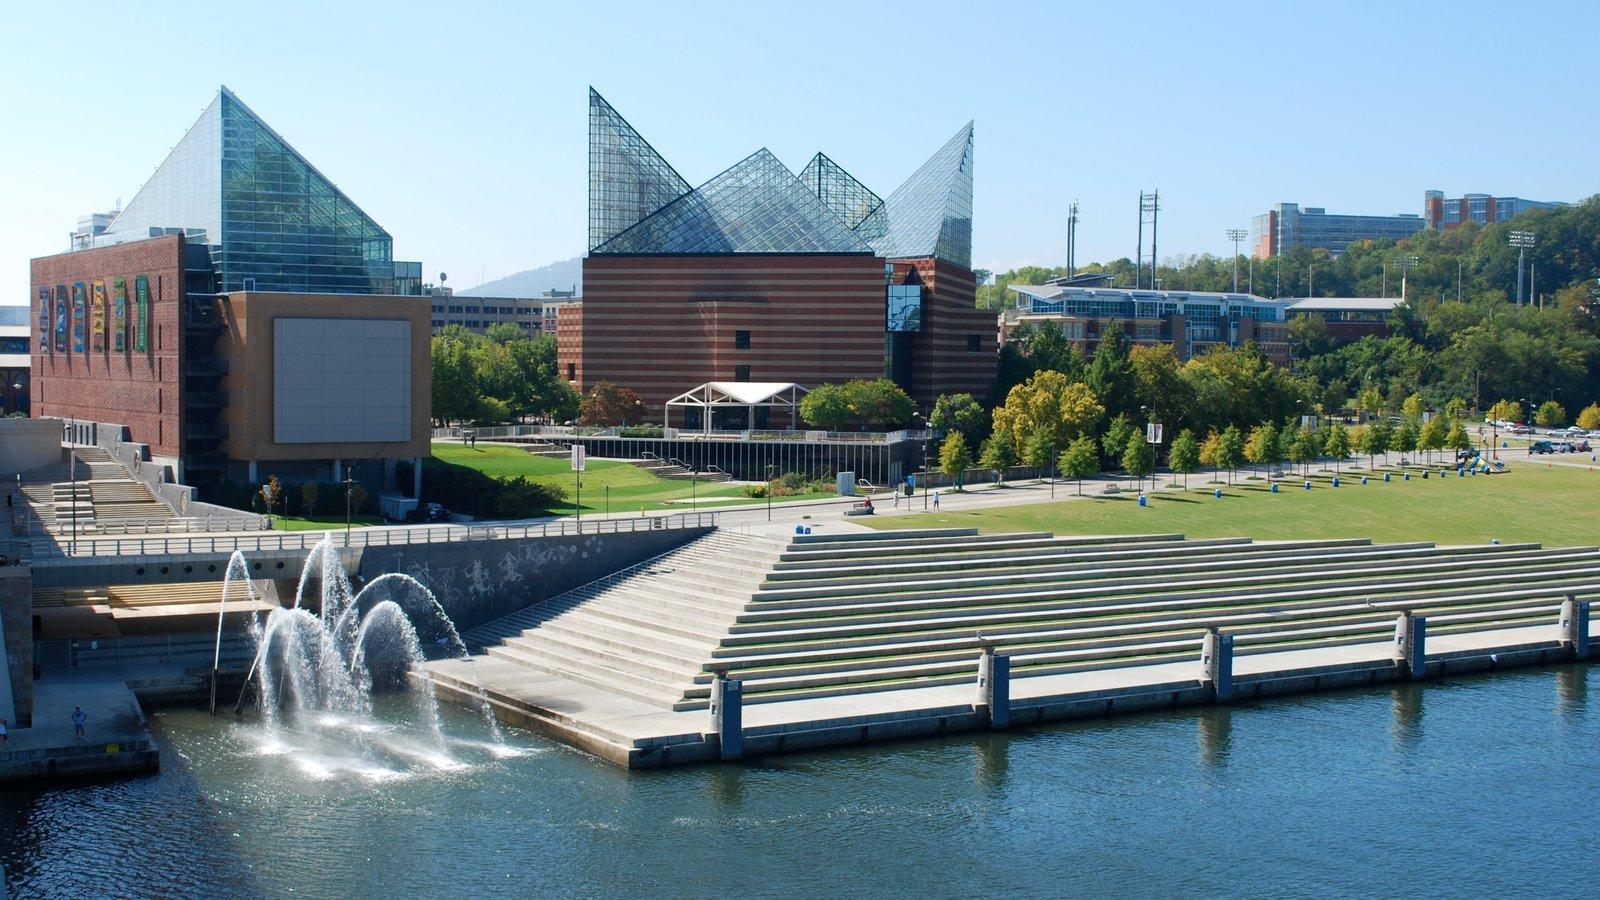 Chattanooga mostrando arquitetura moderna, um rio ou córrego e uma fonte